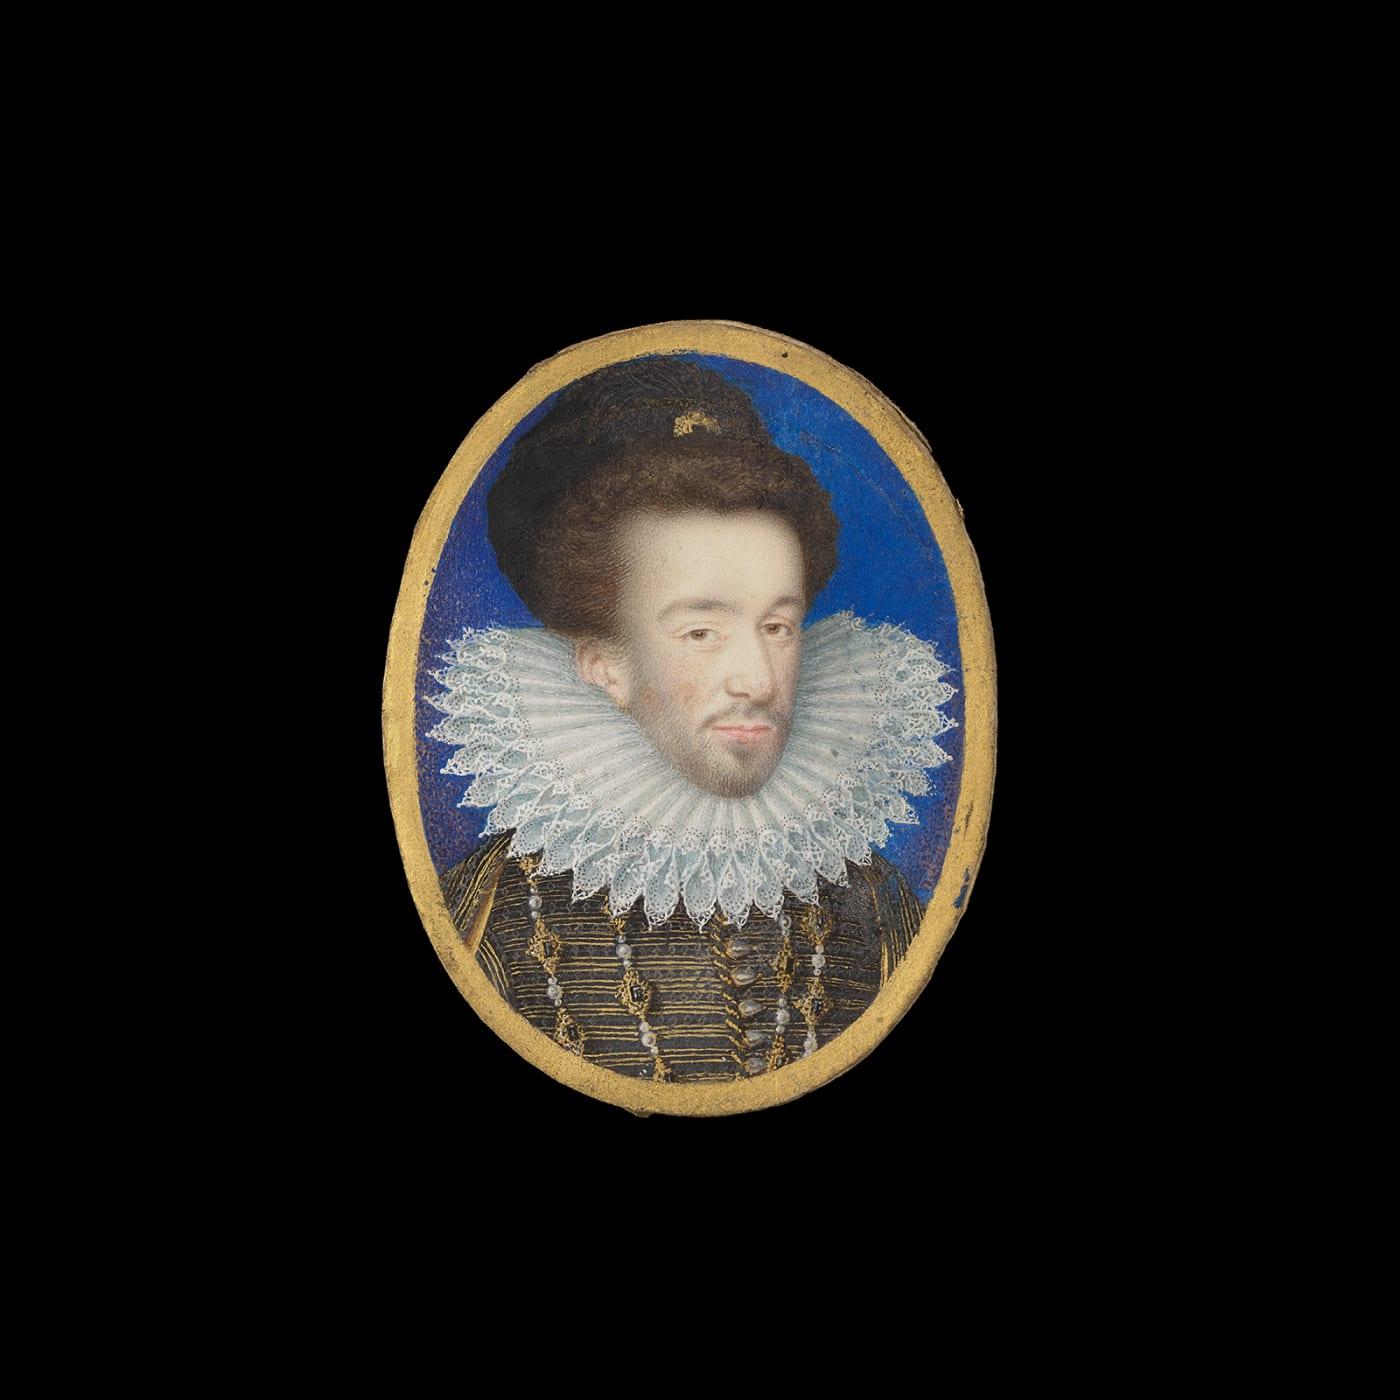 Henri iii by Jean Decourt